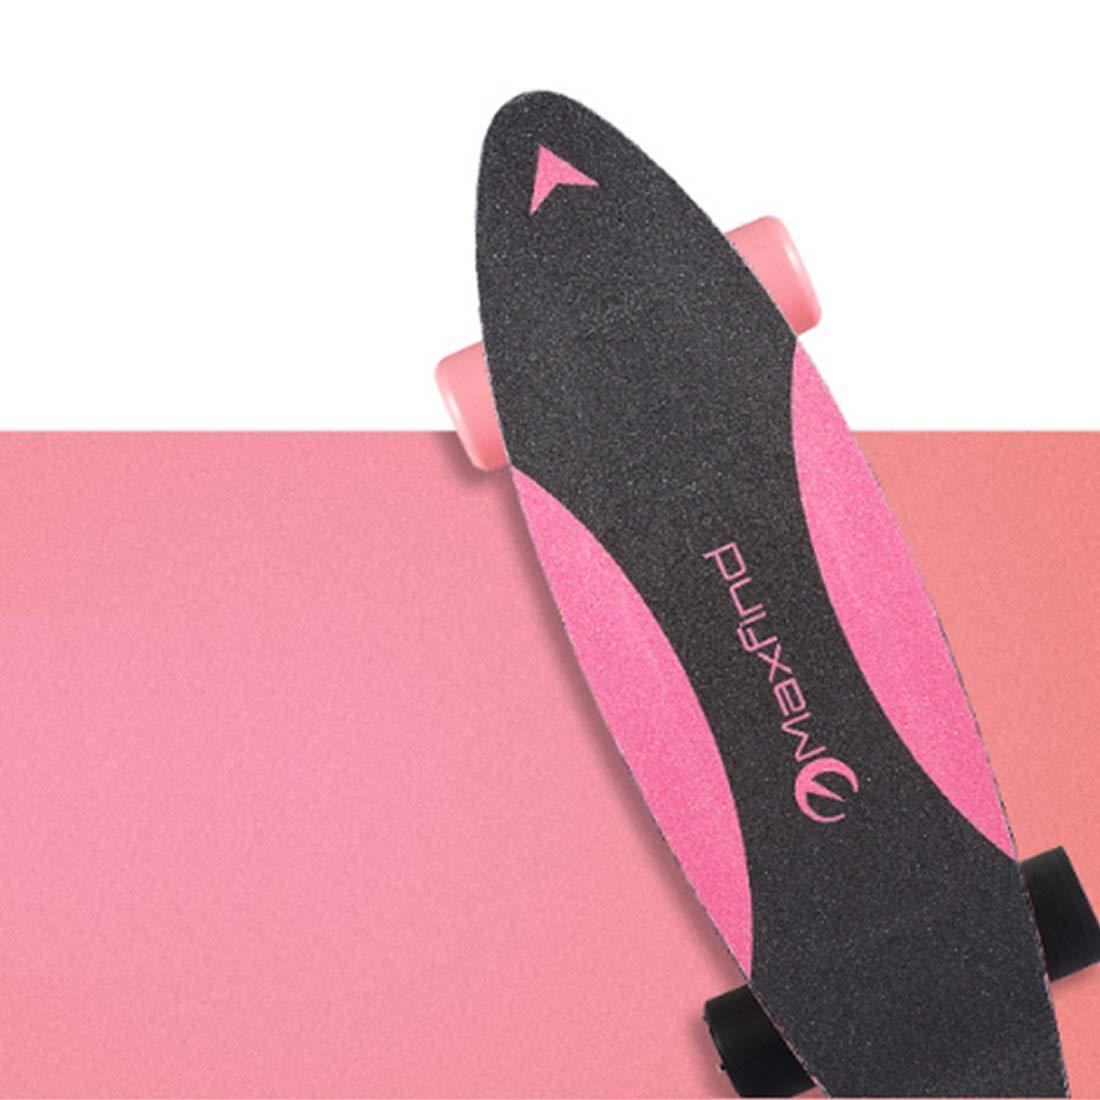 最大2スケートボード電気、4輪リモートコントロールロングボードIP65防水 (Color : ピンク)